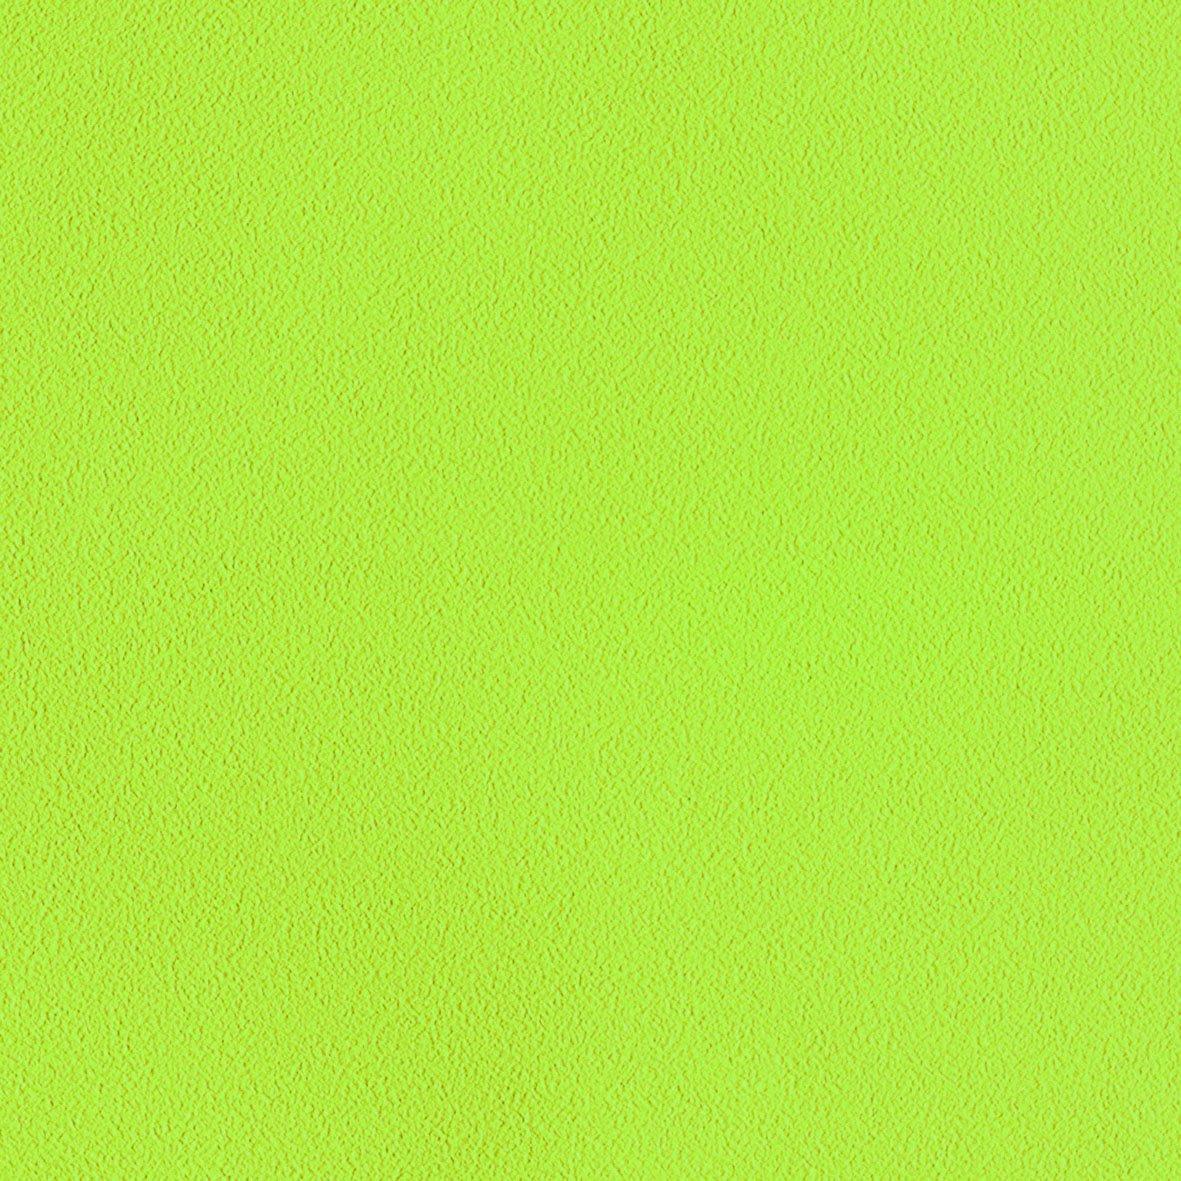 リリカラ 壁紙21m シンフル 無地 ピンク LL-8729 B01N90OE86 21m,ピンク1